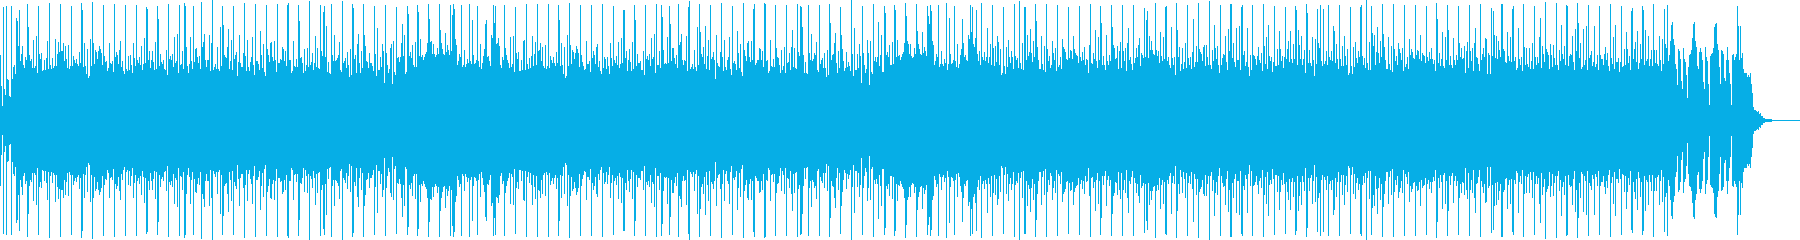 疾走感のあるギター中心のハードロックの再生済みの波形